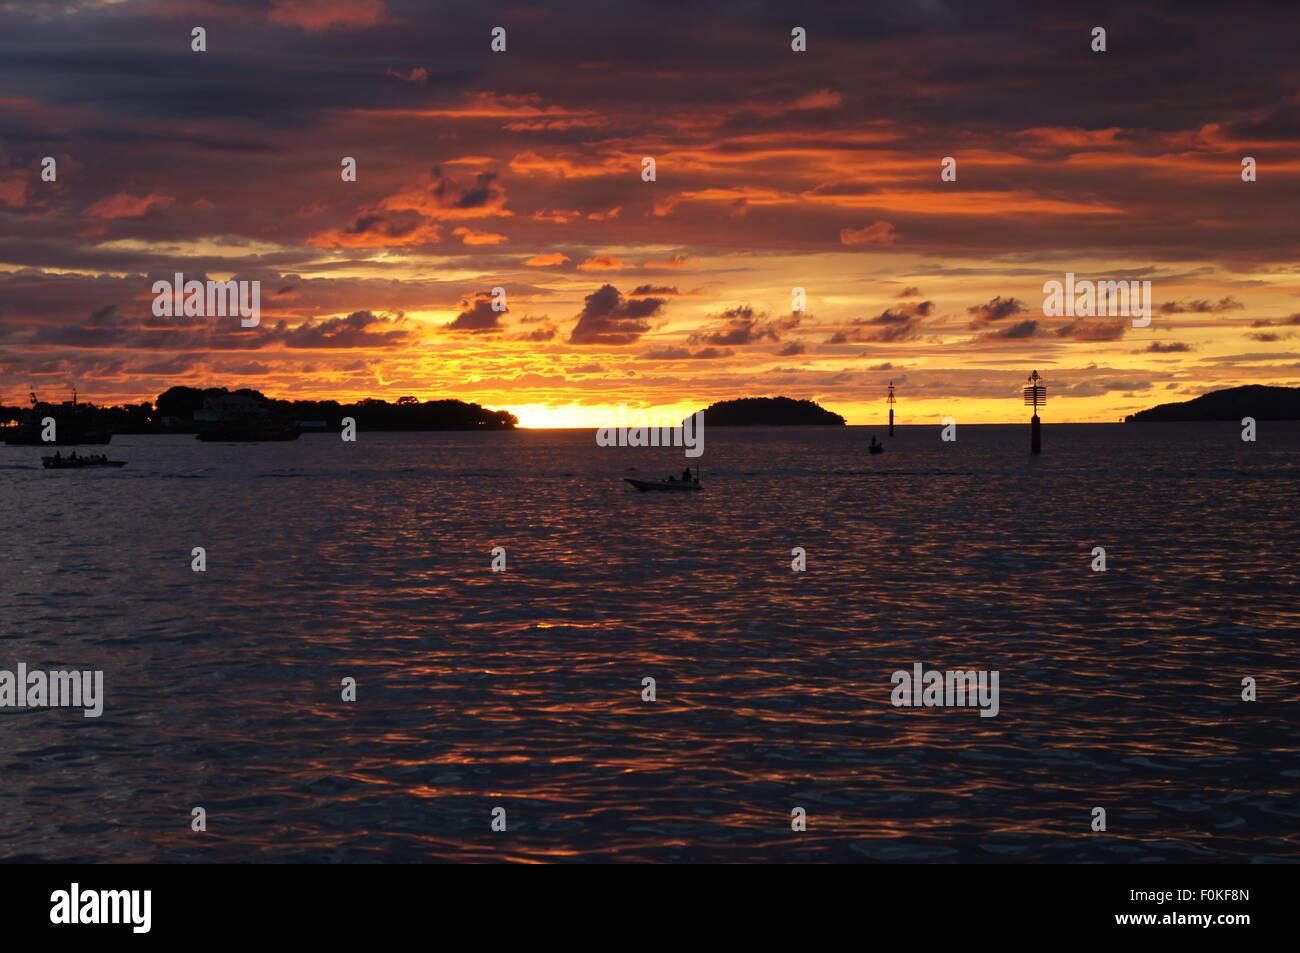 sunset at Kota Kinabalu, Sabah Stock Photo